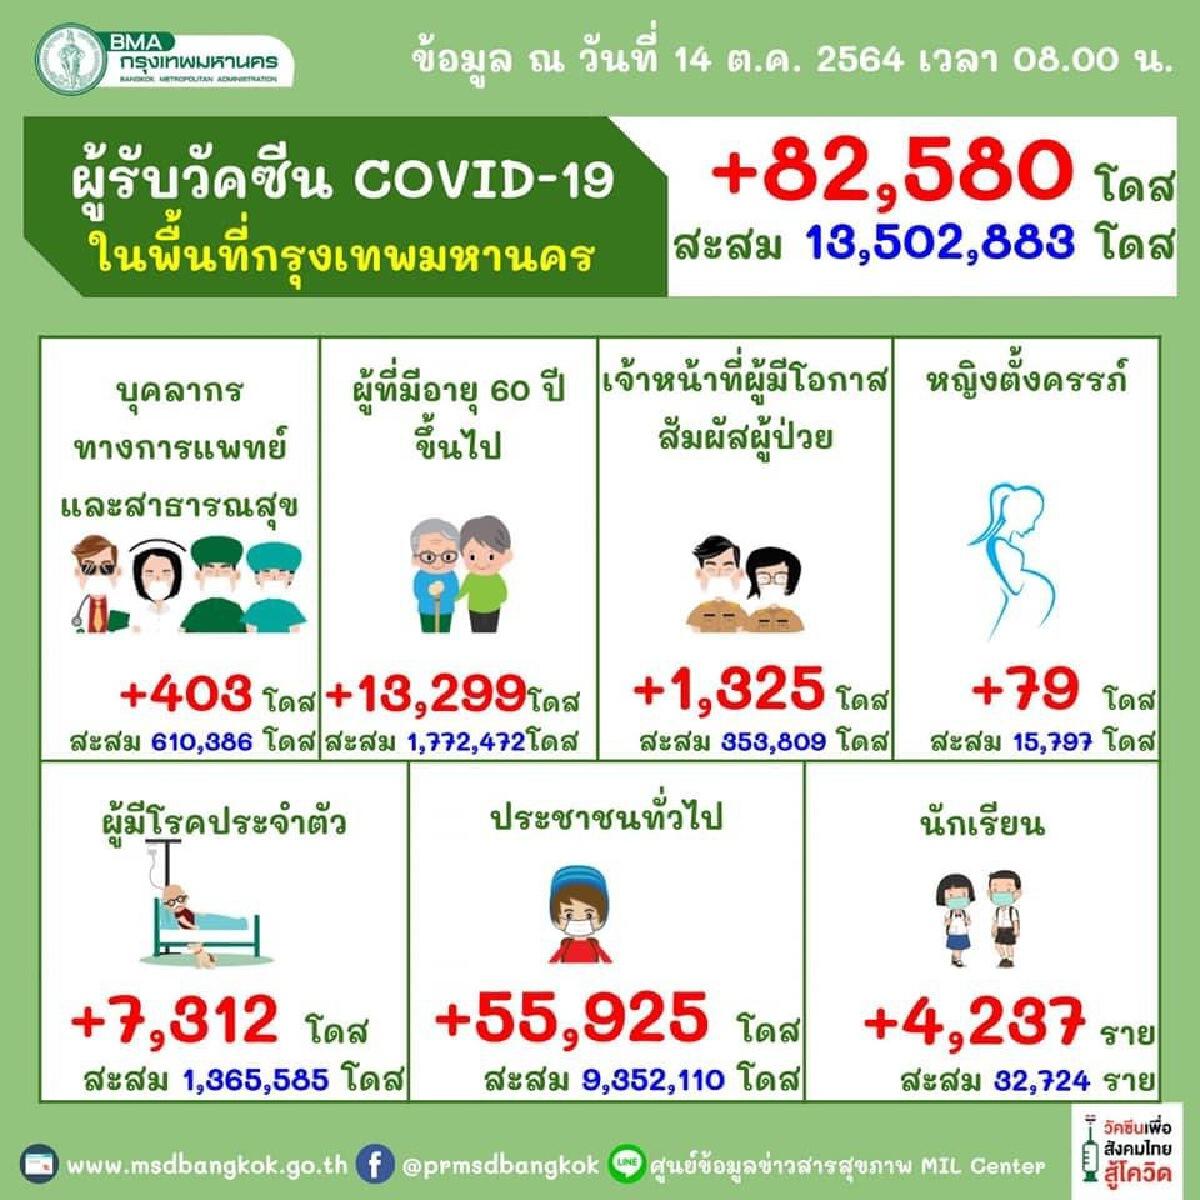 """ฉีด """"วัคซีนโควิด"""" กทม. 2 เข็มทะลุ 5 ล้านราย เหลือเท่าไหร่ถึงเป้าเปิดเมือง 70 %"""